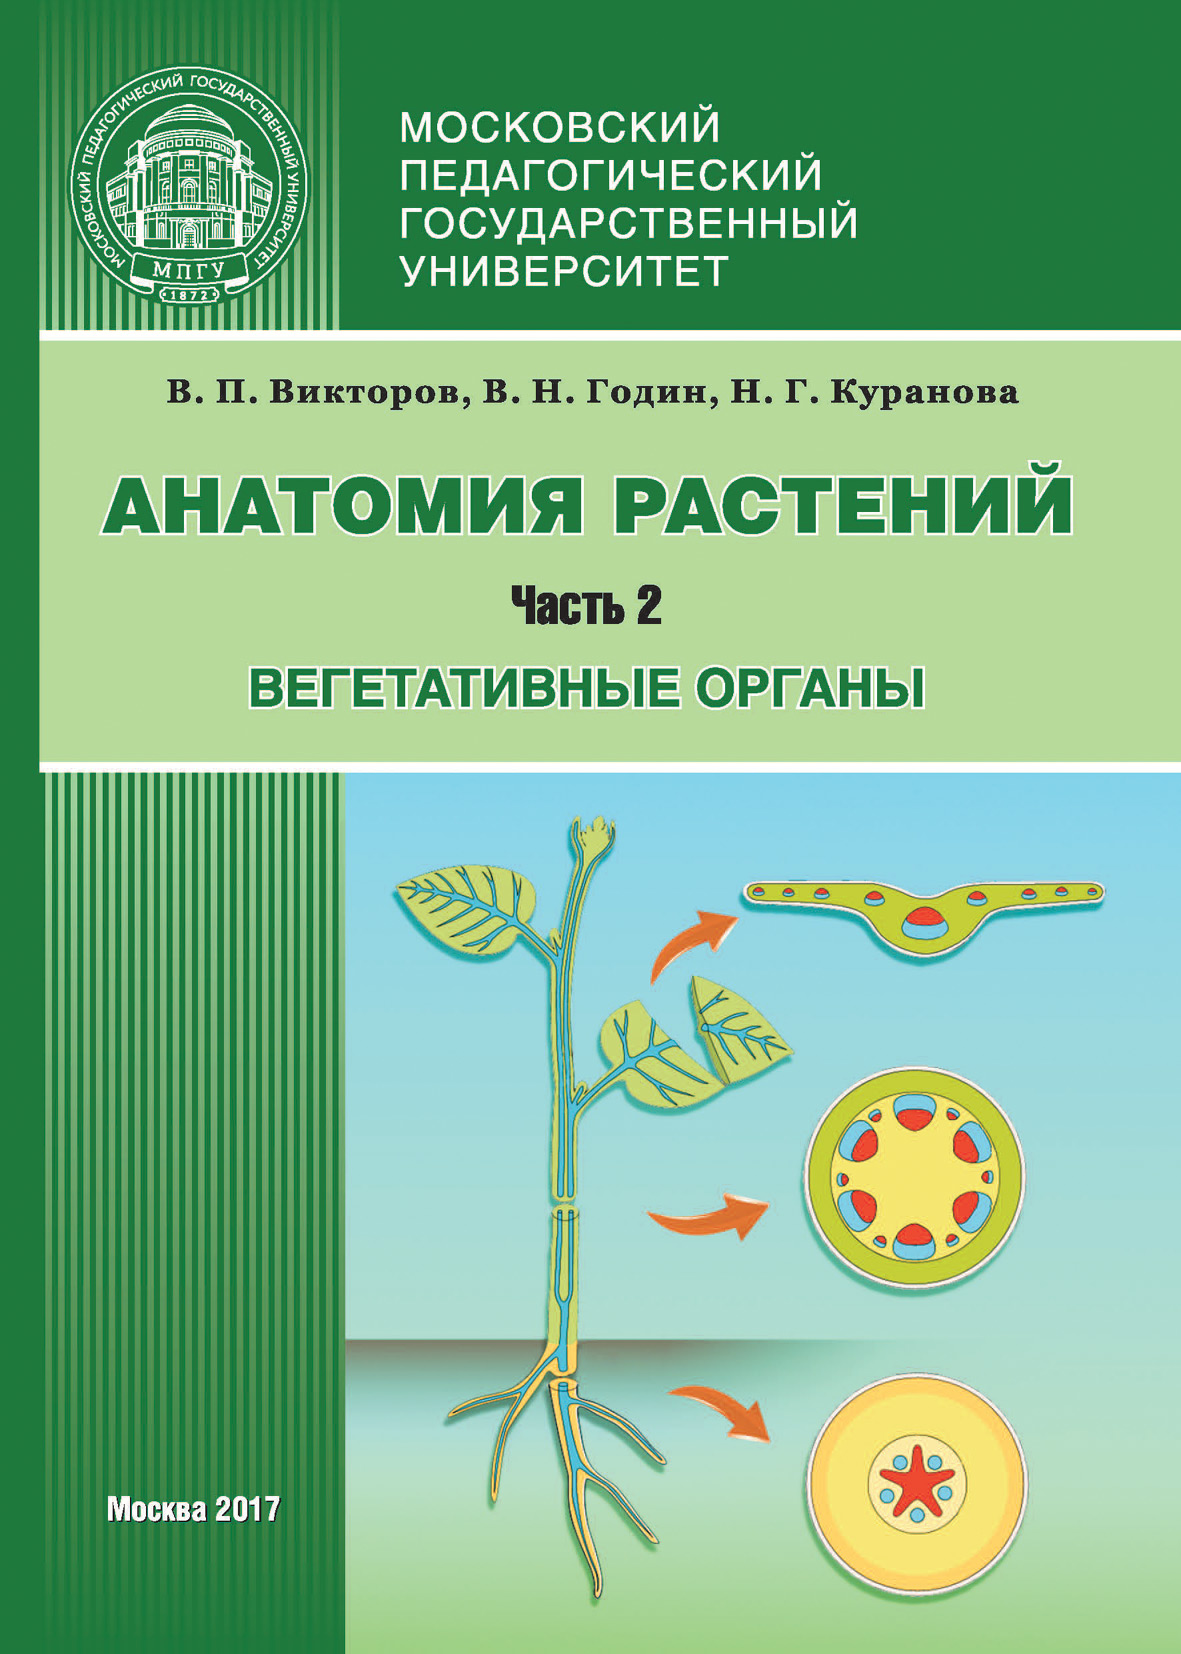 В. П. Викторов Анатомия растений. Часть 2. Вегетативные органы